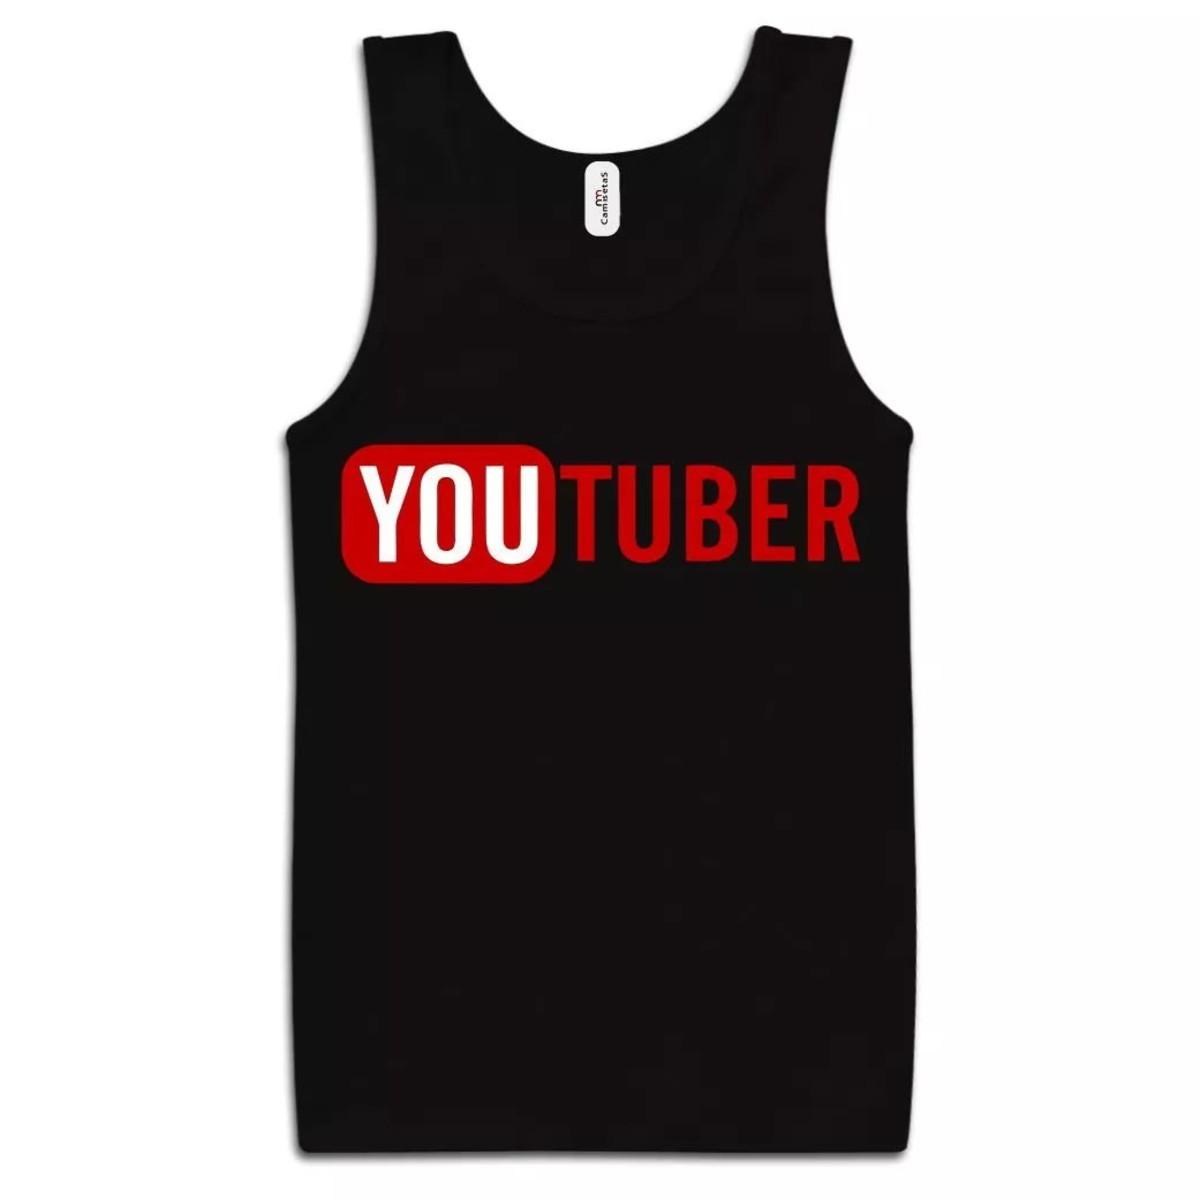 1b31119d70 Camiseta Regata Youtuber 100% Algodão no Elo7